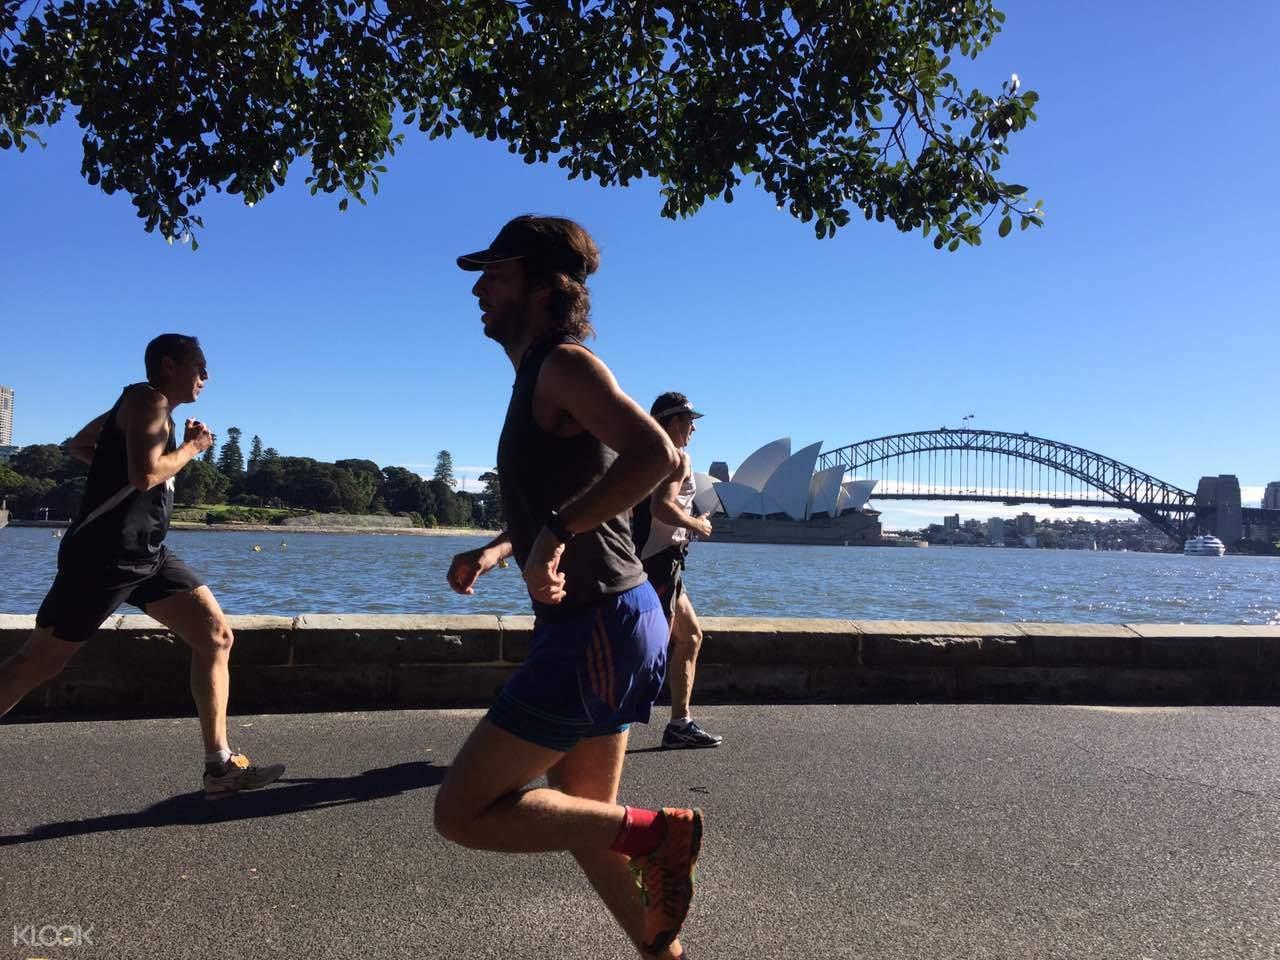 2018雪梨跑步节马拉松5天4夜探索之旅